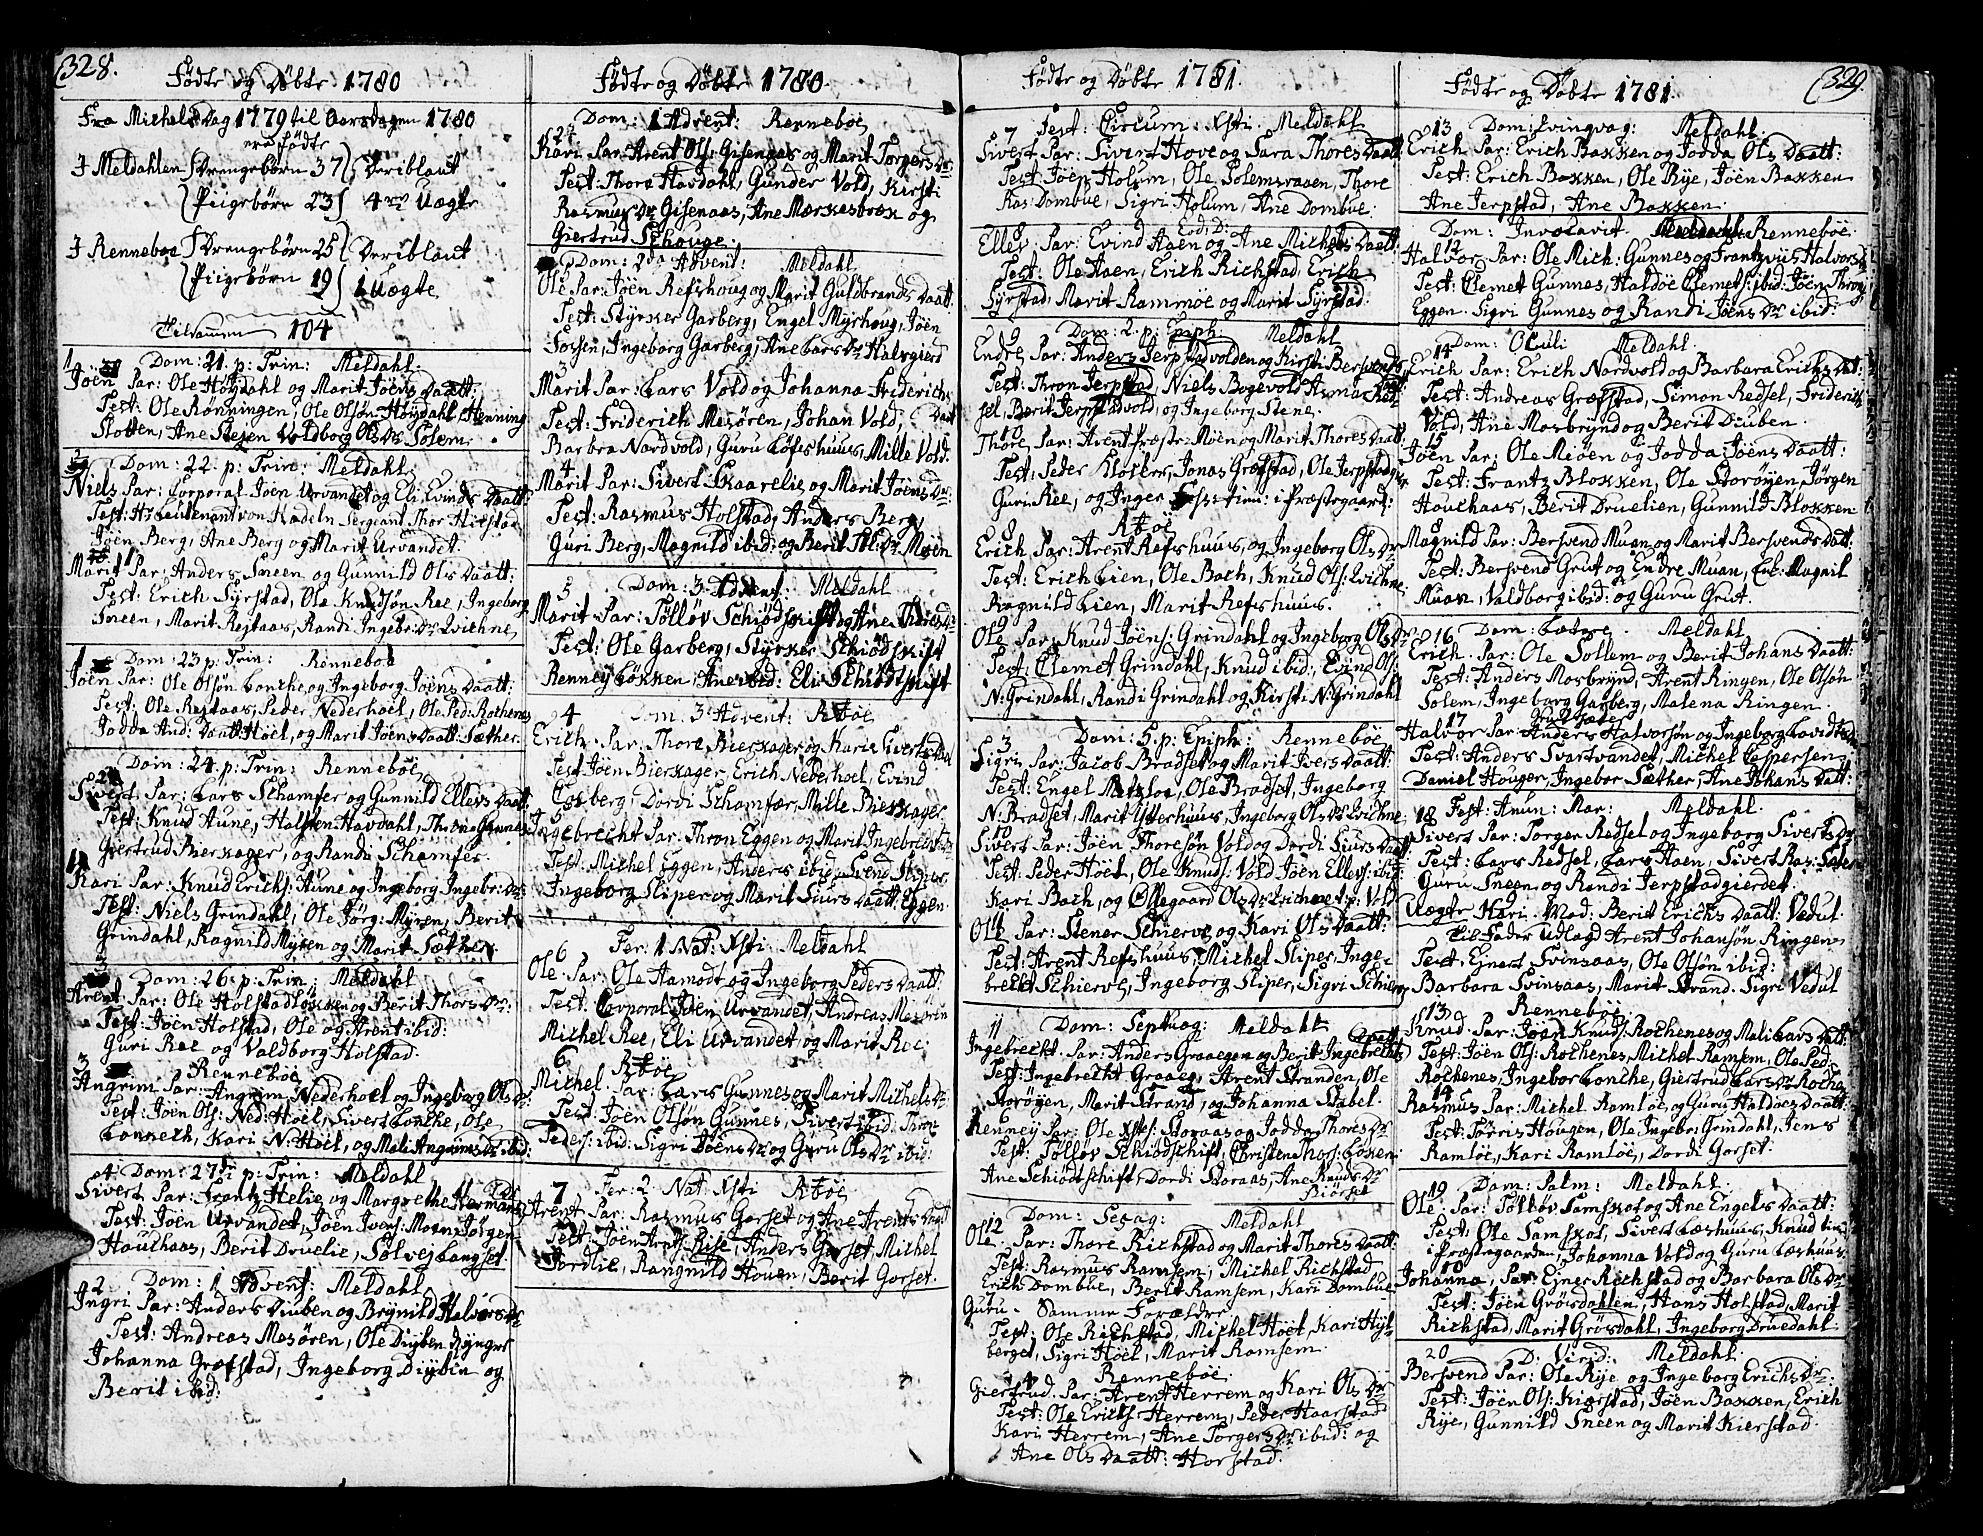 SAT, Ministerialprotokoller, klokkerbøker og fødselsregistre - Sør-Trøndelag, 672/L0852: Ministerialbok nr. 672A05, 1776-1815, s. 328-329